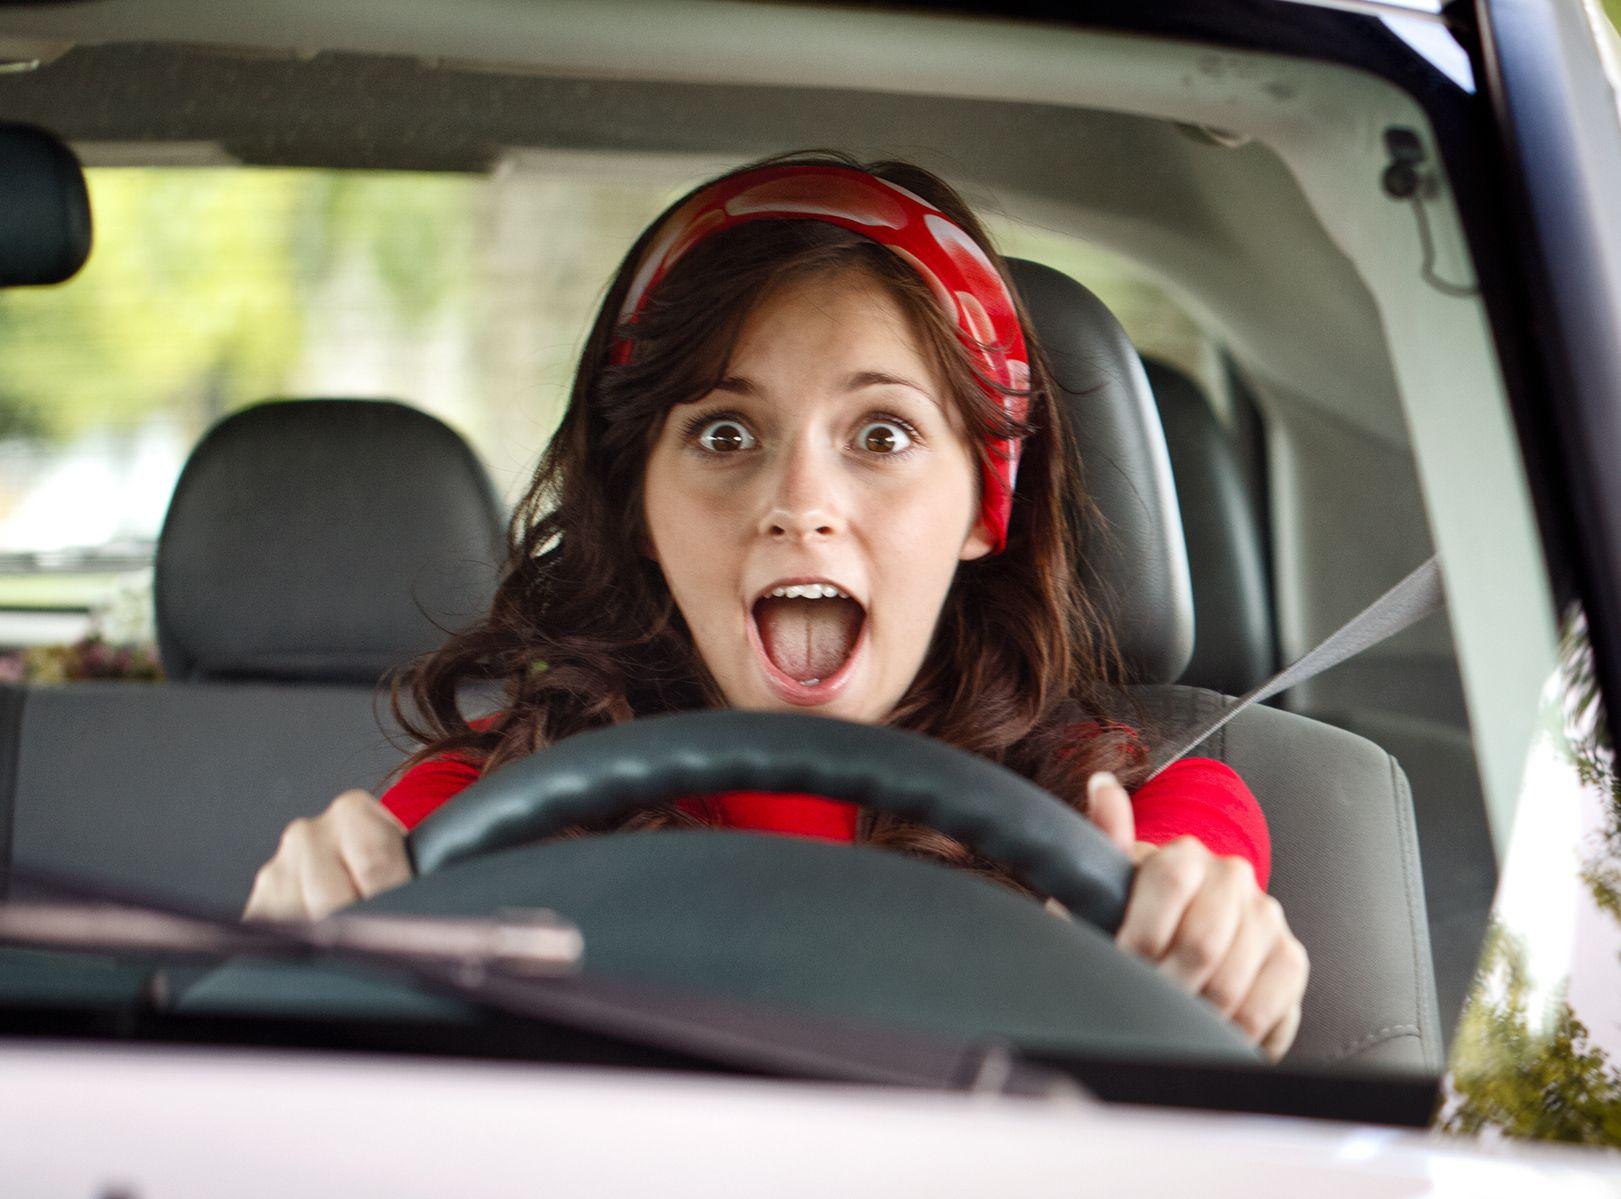 Как новичку преодолеть страх вождения автомобиля?